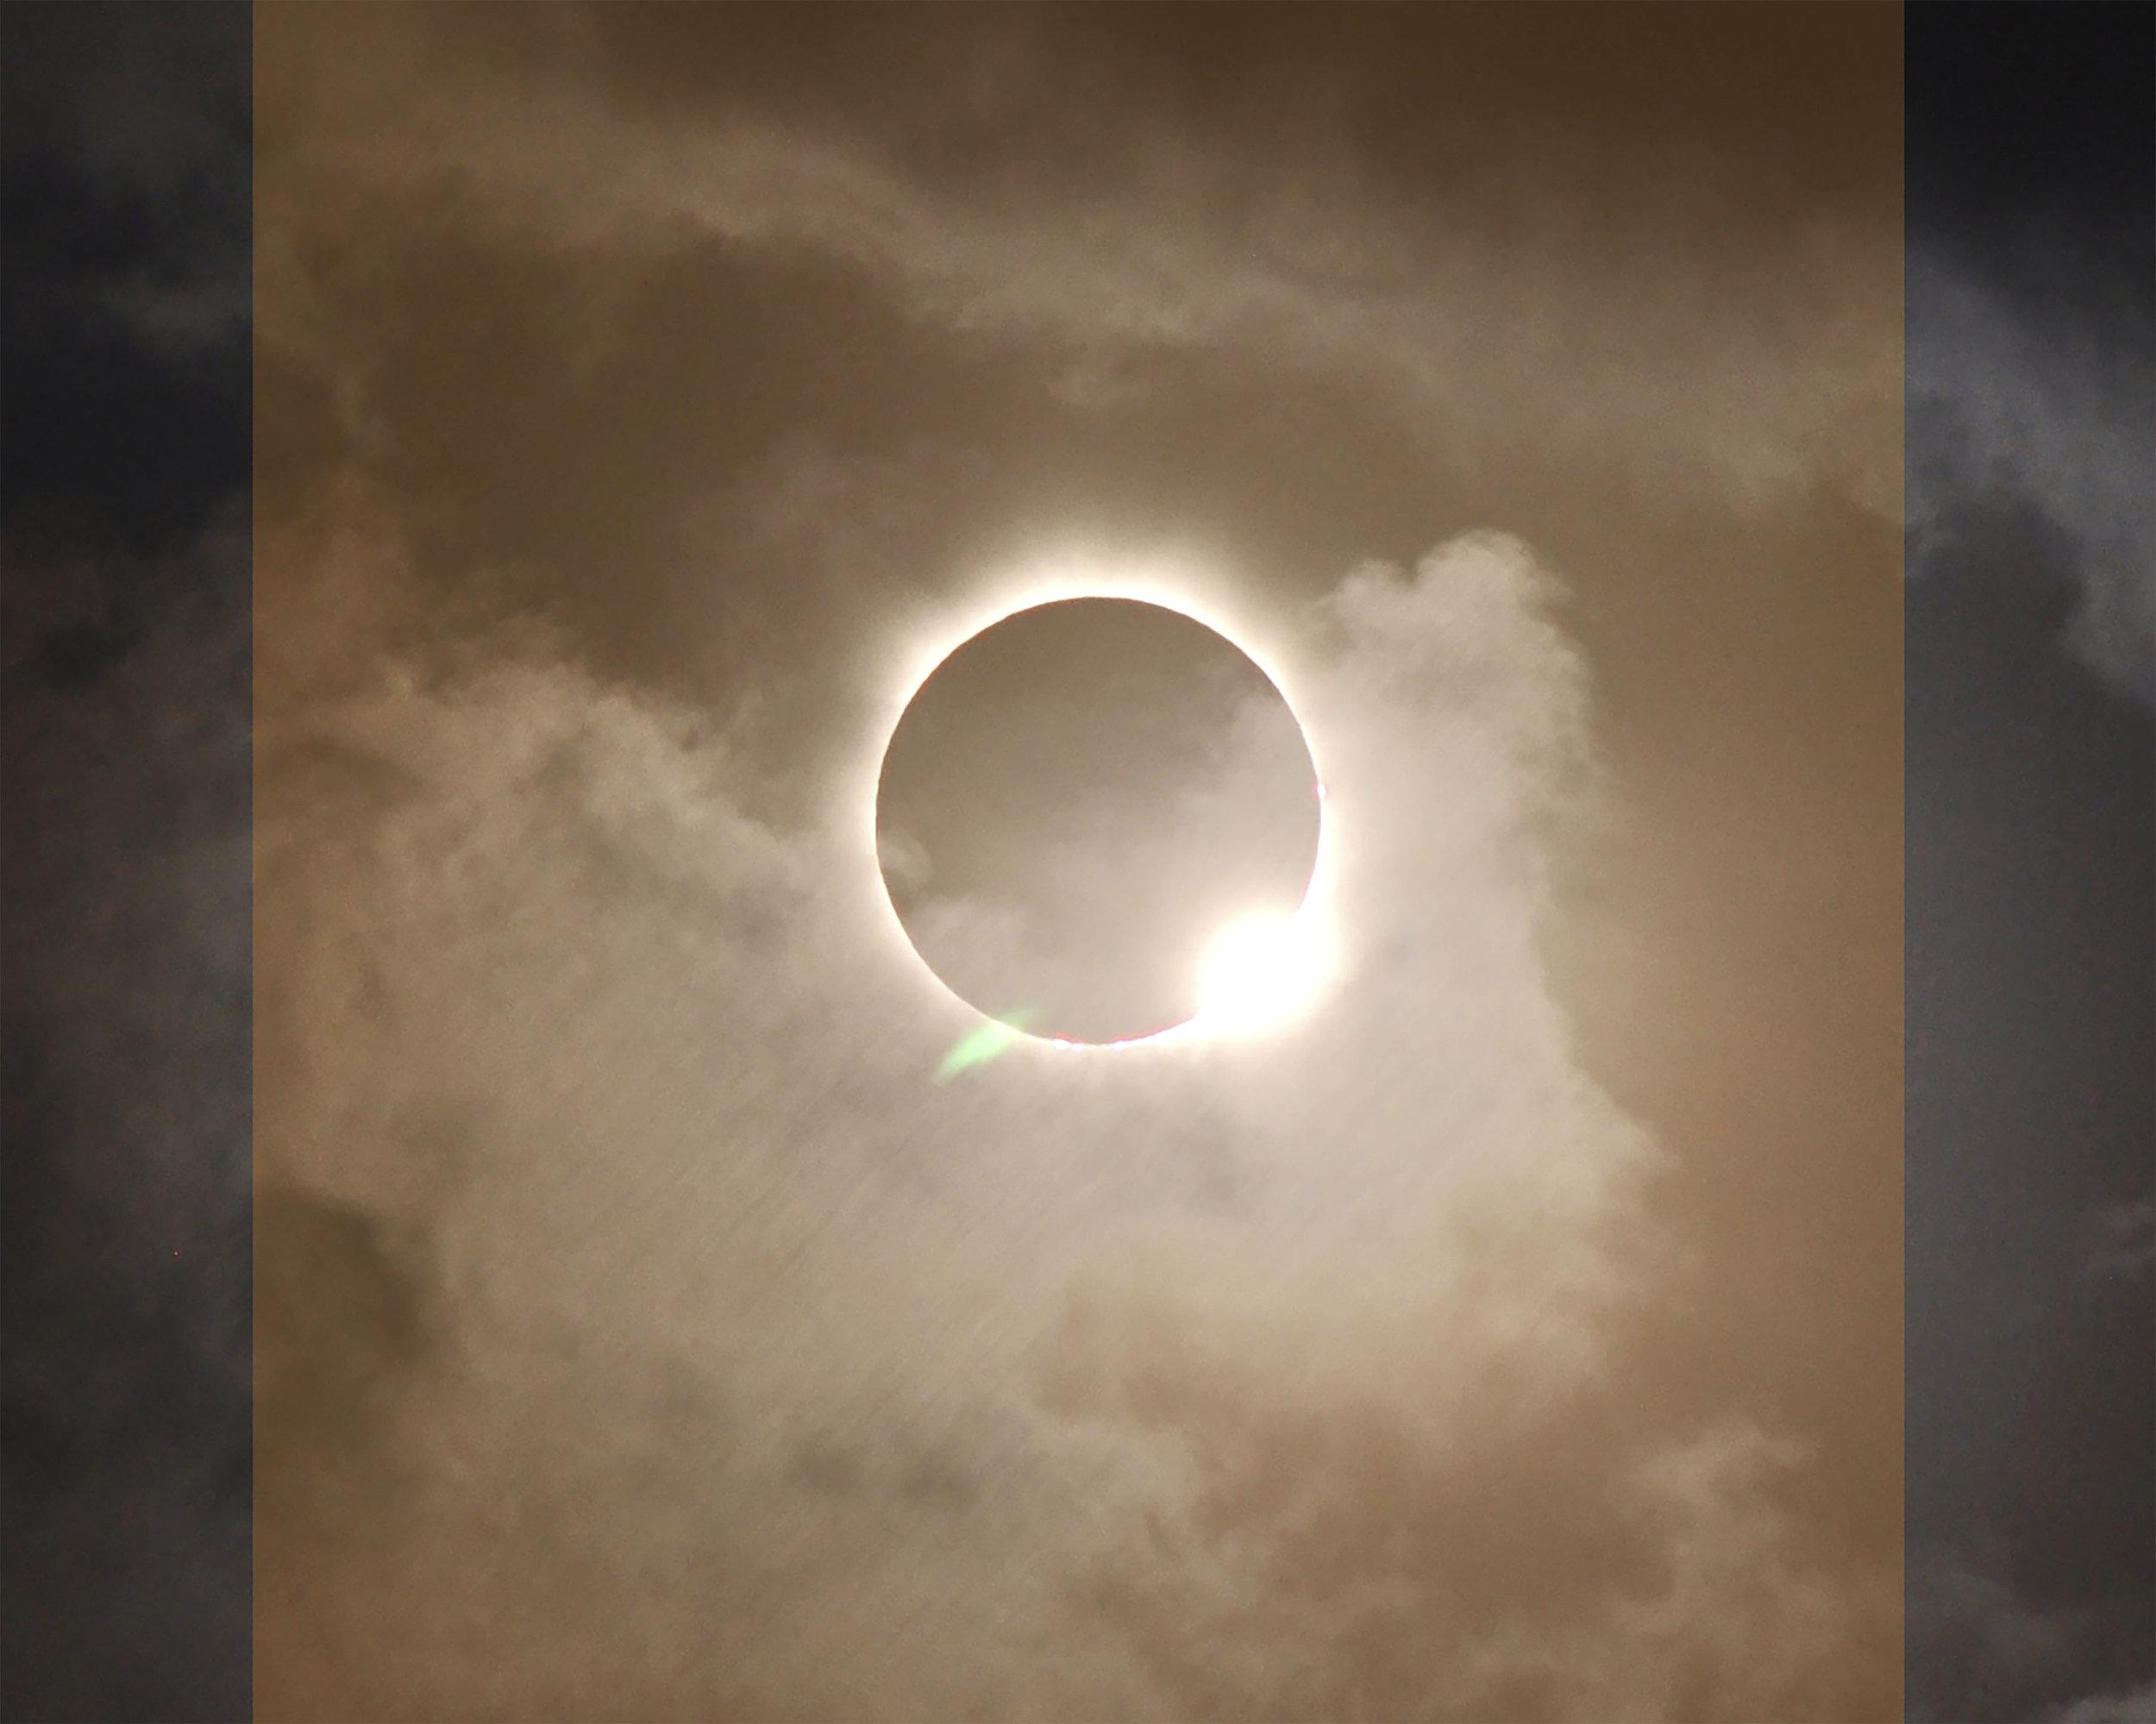 706834main_20121113-solareclipse_full副本-t.jpg